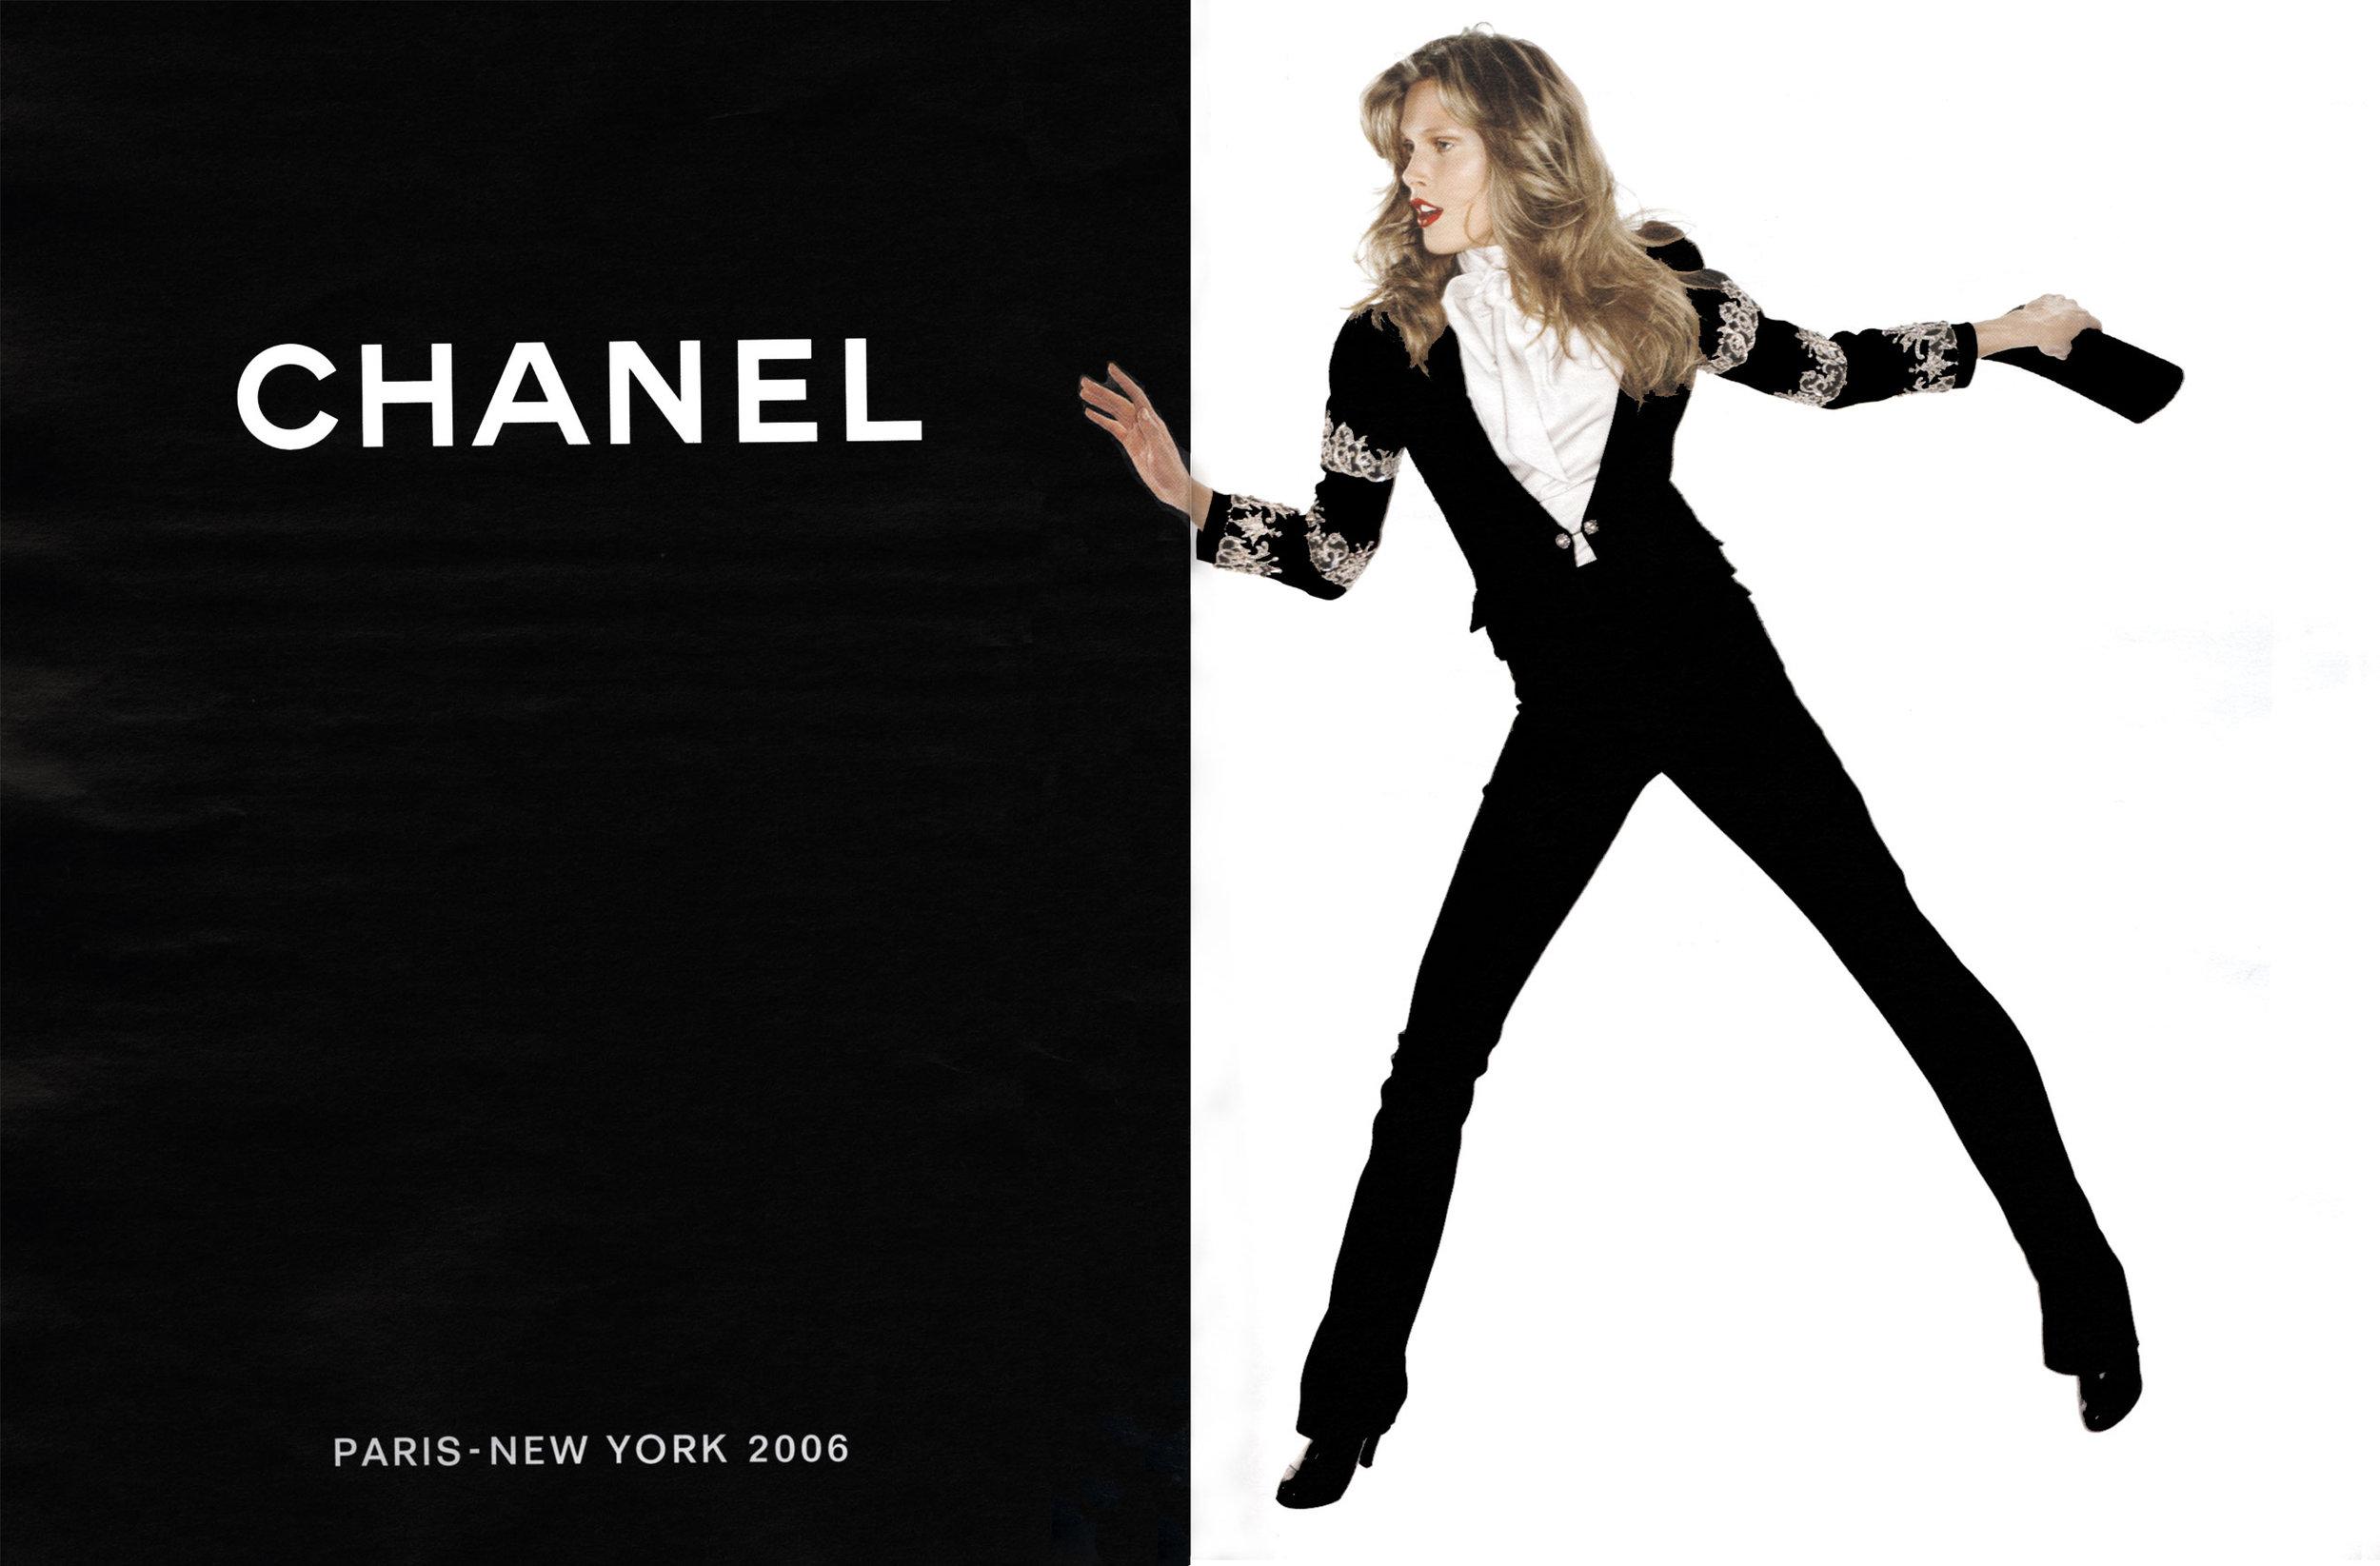 Chanel-SS_06-Karl-Lagerfeld-1_Iselin Steiro.jpg